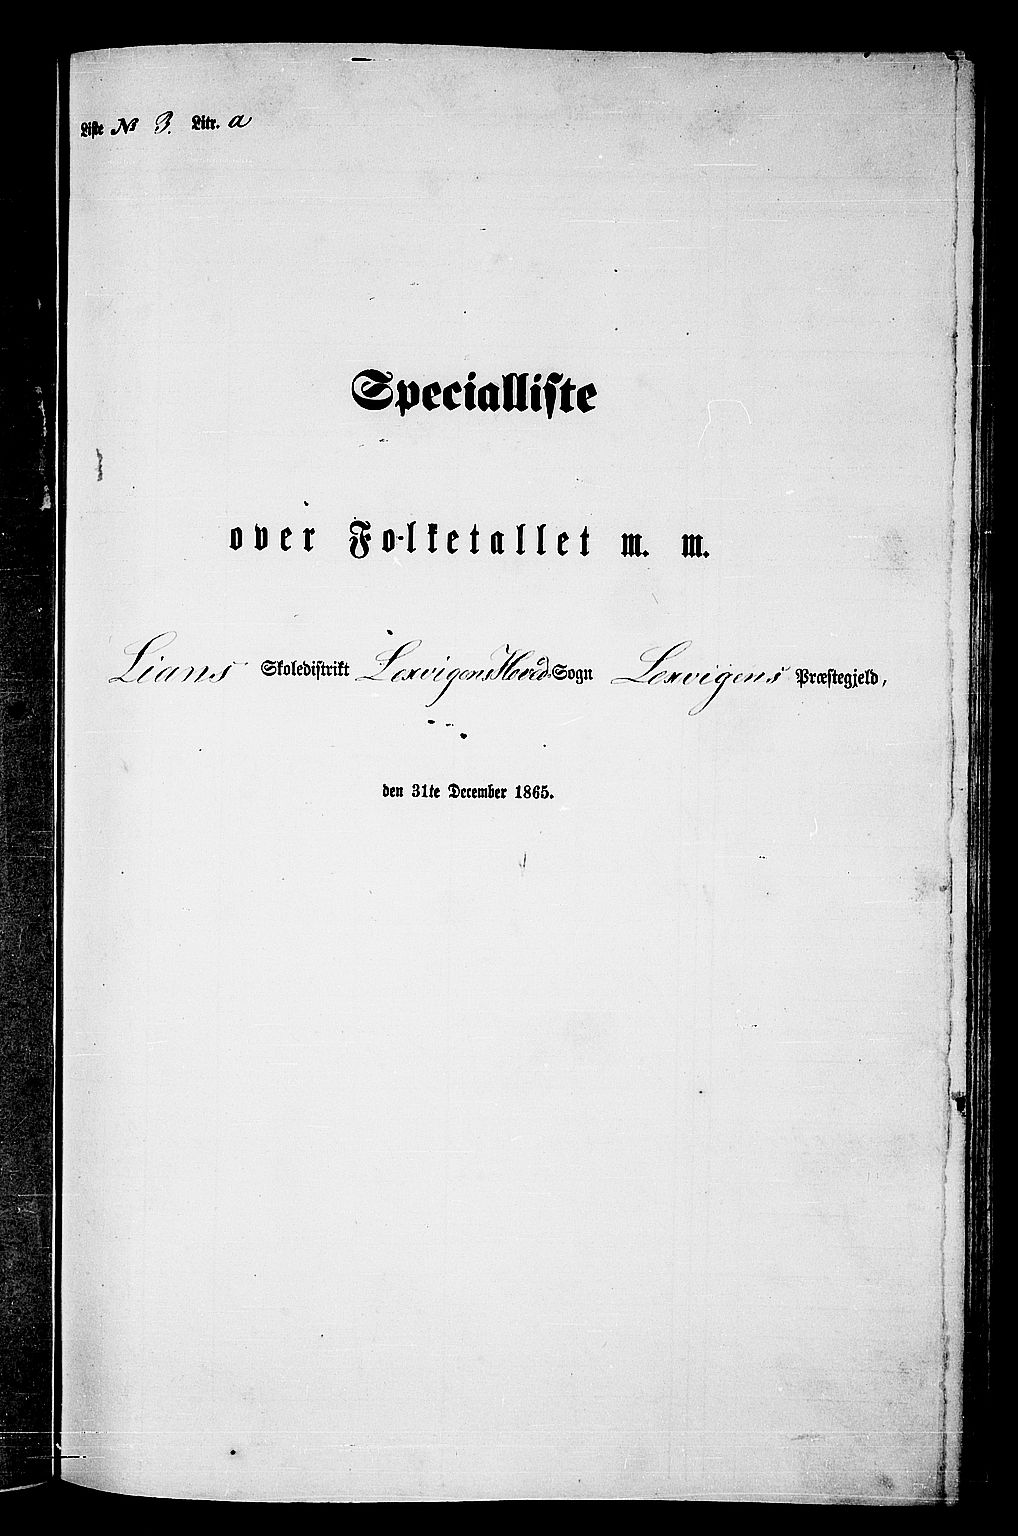 RA, Folketelling 1865 for 1718P Leksvik prestegjeld, 1865, s. 71